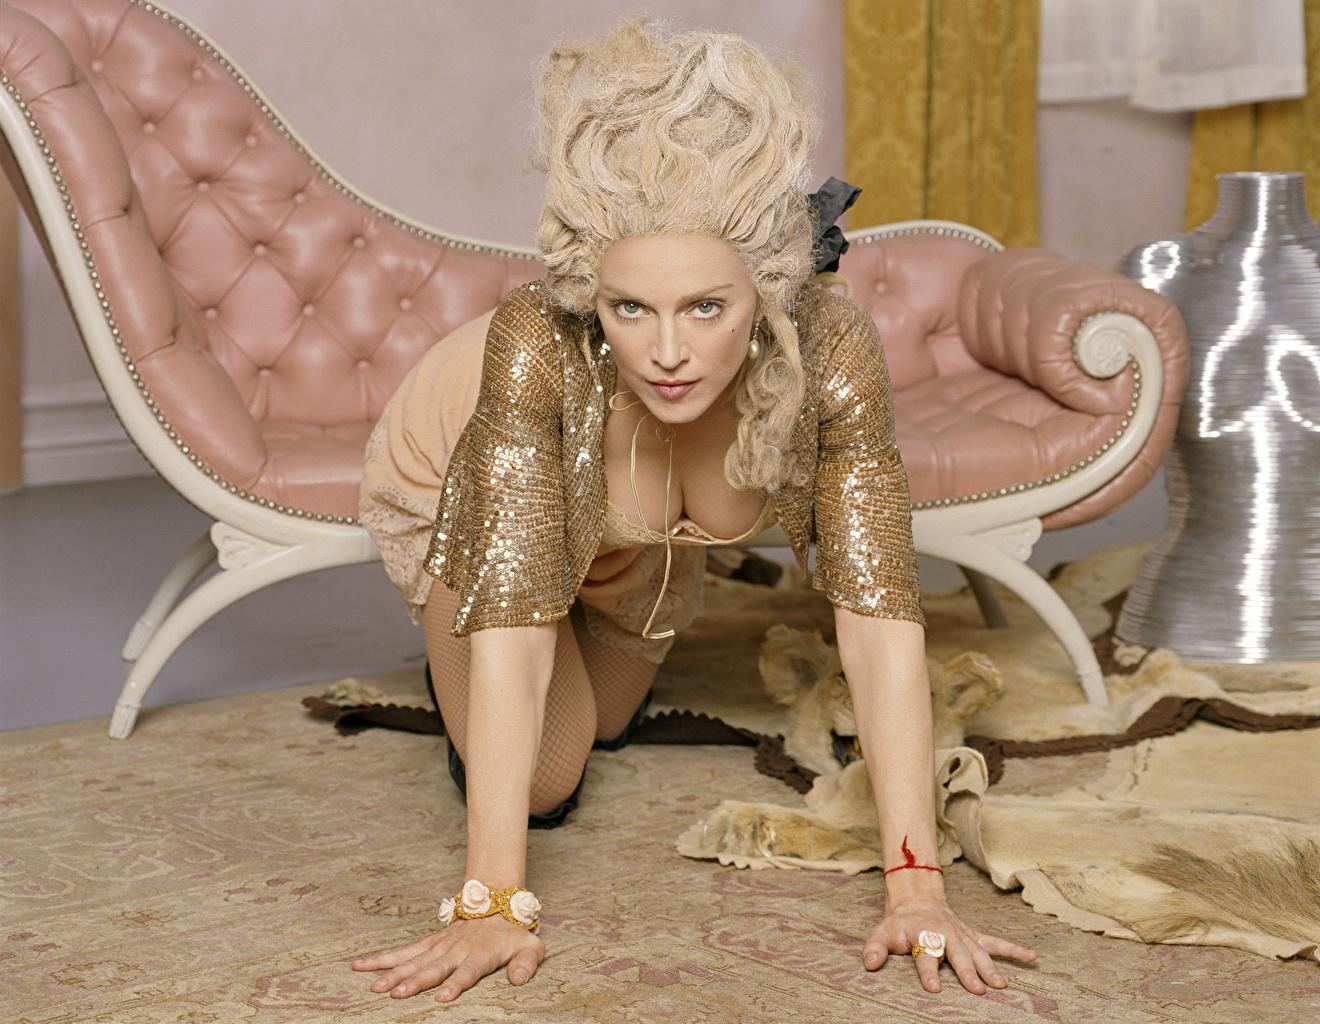 Bilder von Madonna Blondine Pose dekolletee junge frau Hand Starren Blond Mädchen posiert Dekolleté Mädchens junge Frauen Blick